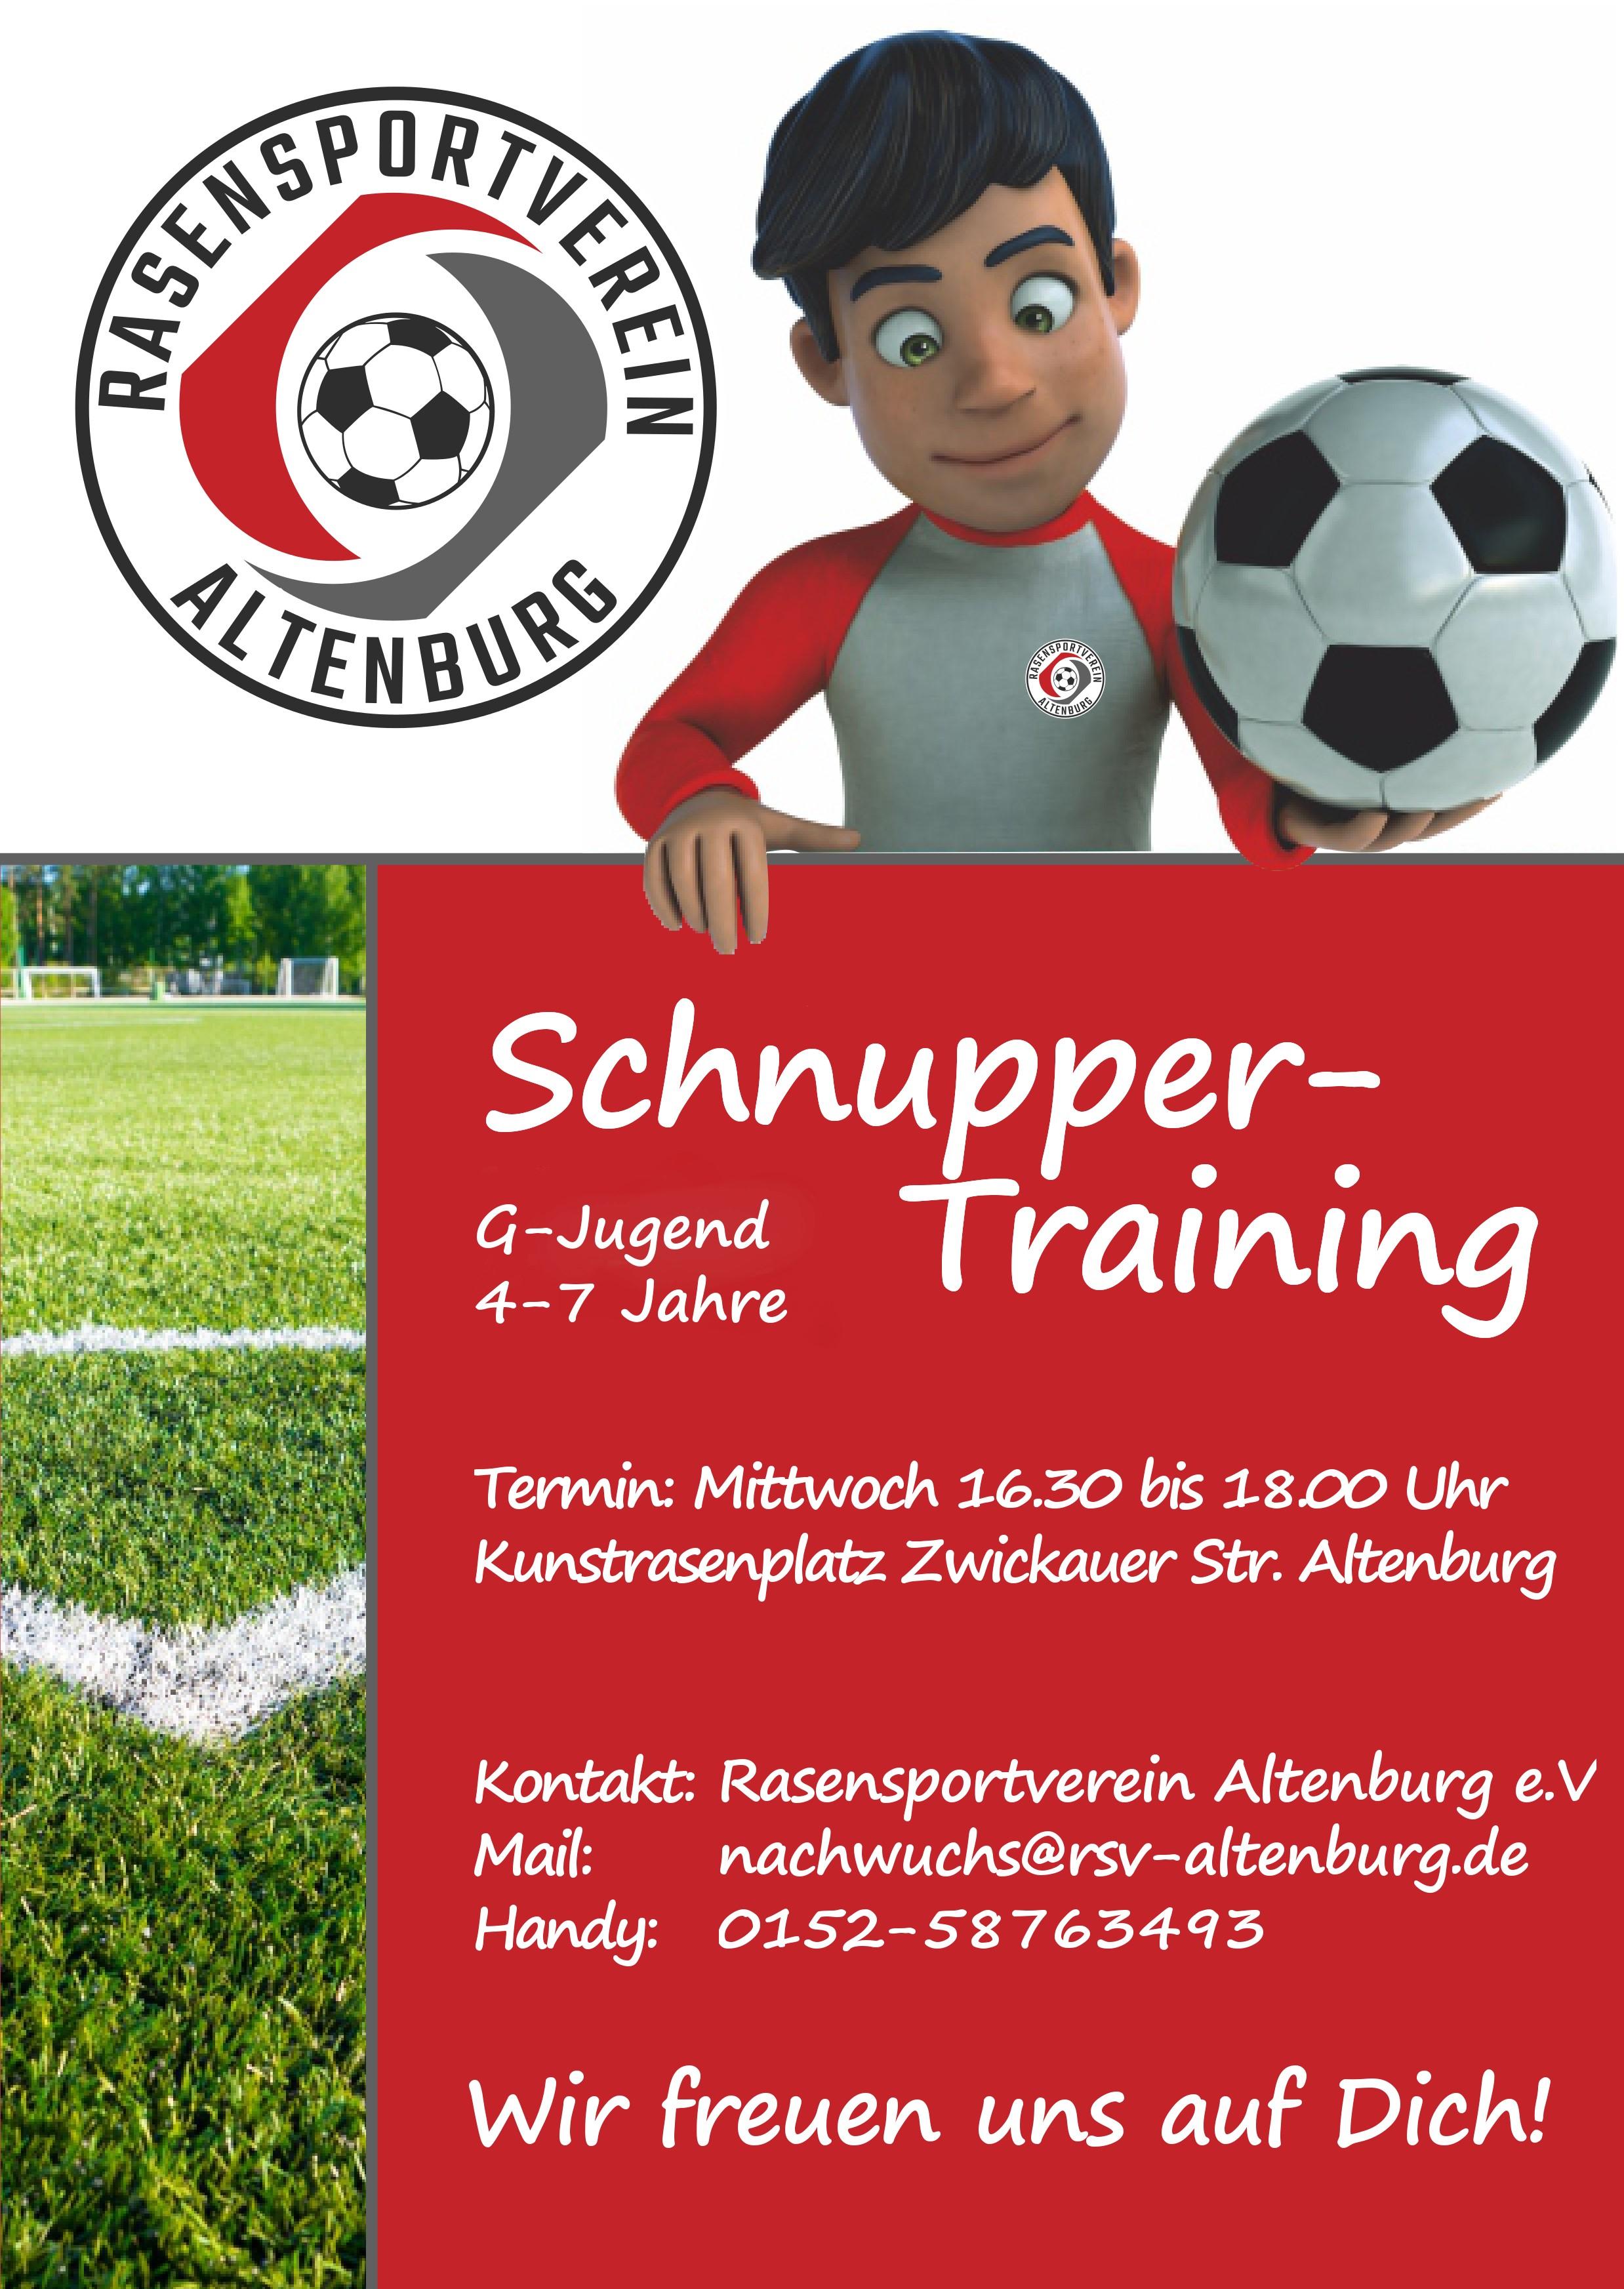 Fußball-Schnuppertraining in Altenburg - RSV Altenburg